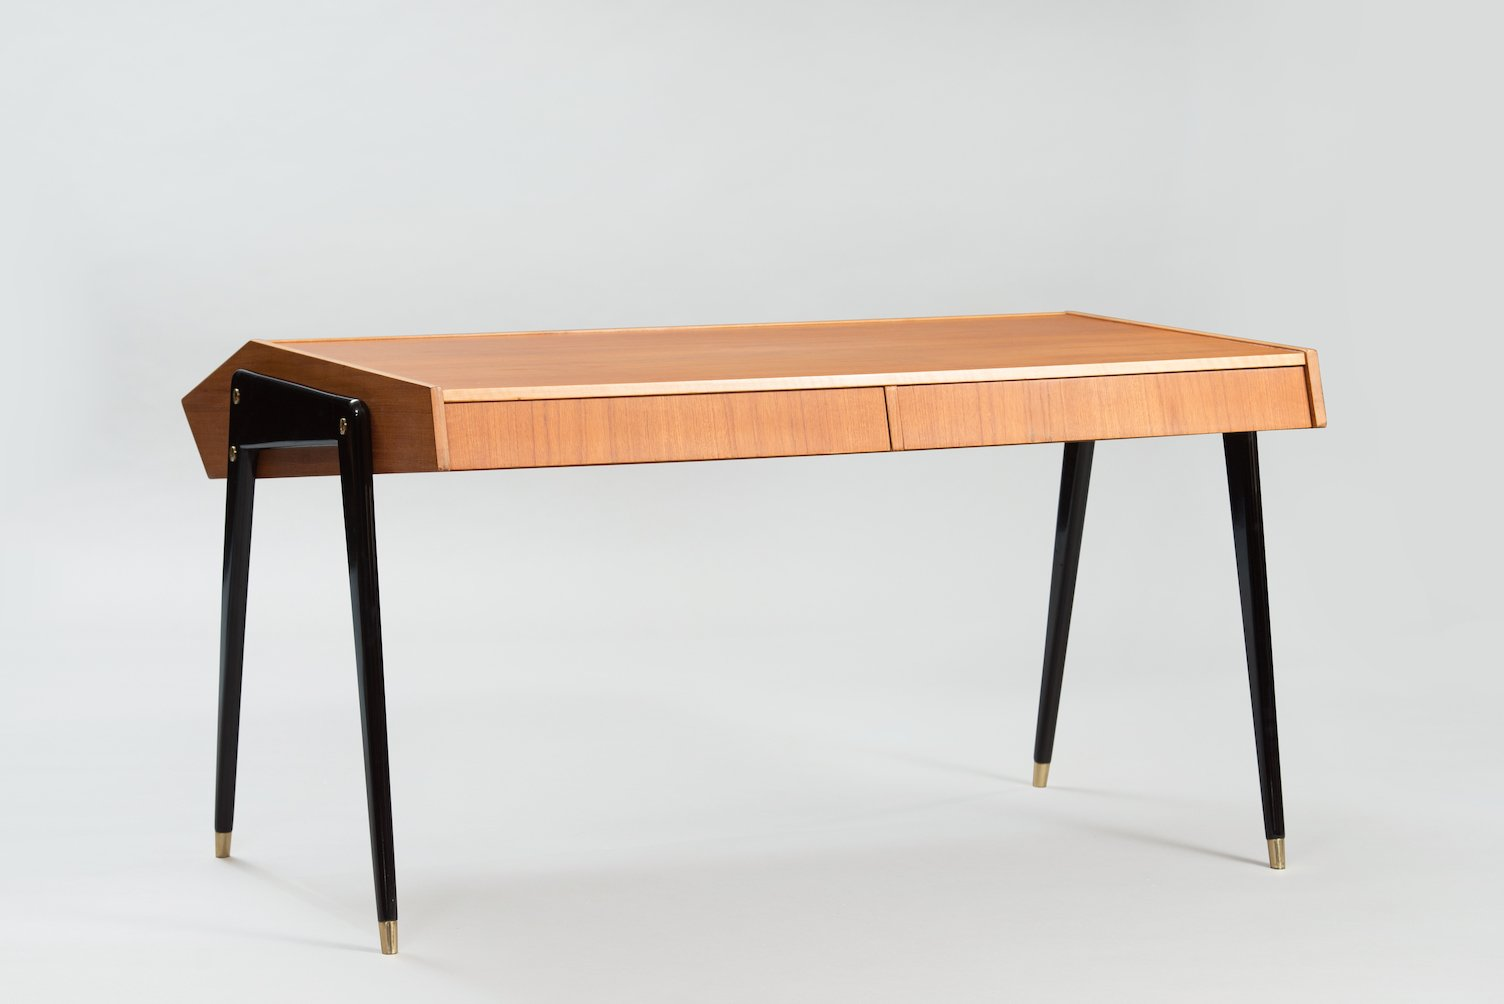 italienischer mid century schreibtisch von carlo de carli bei pamono kaufen. Black Bedroom Furniture Sets. Home Design Ideas